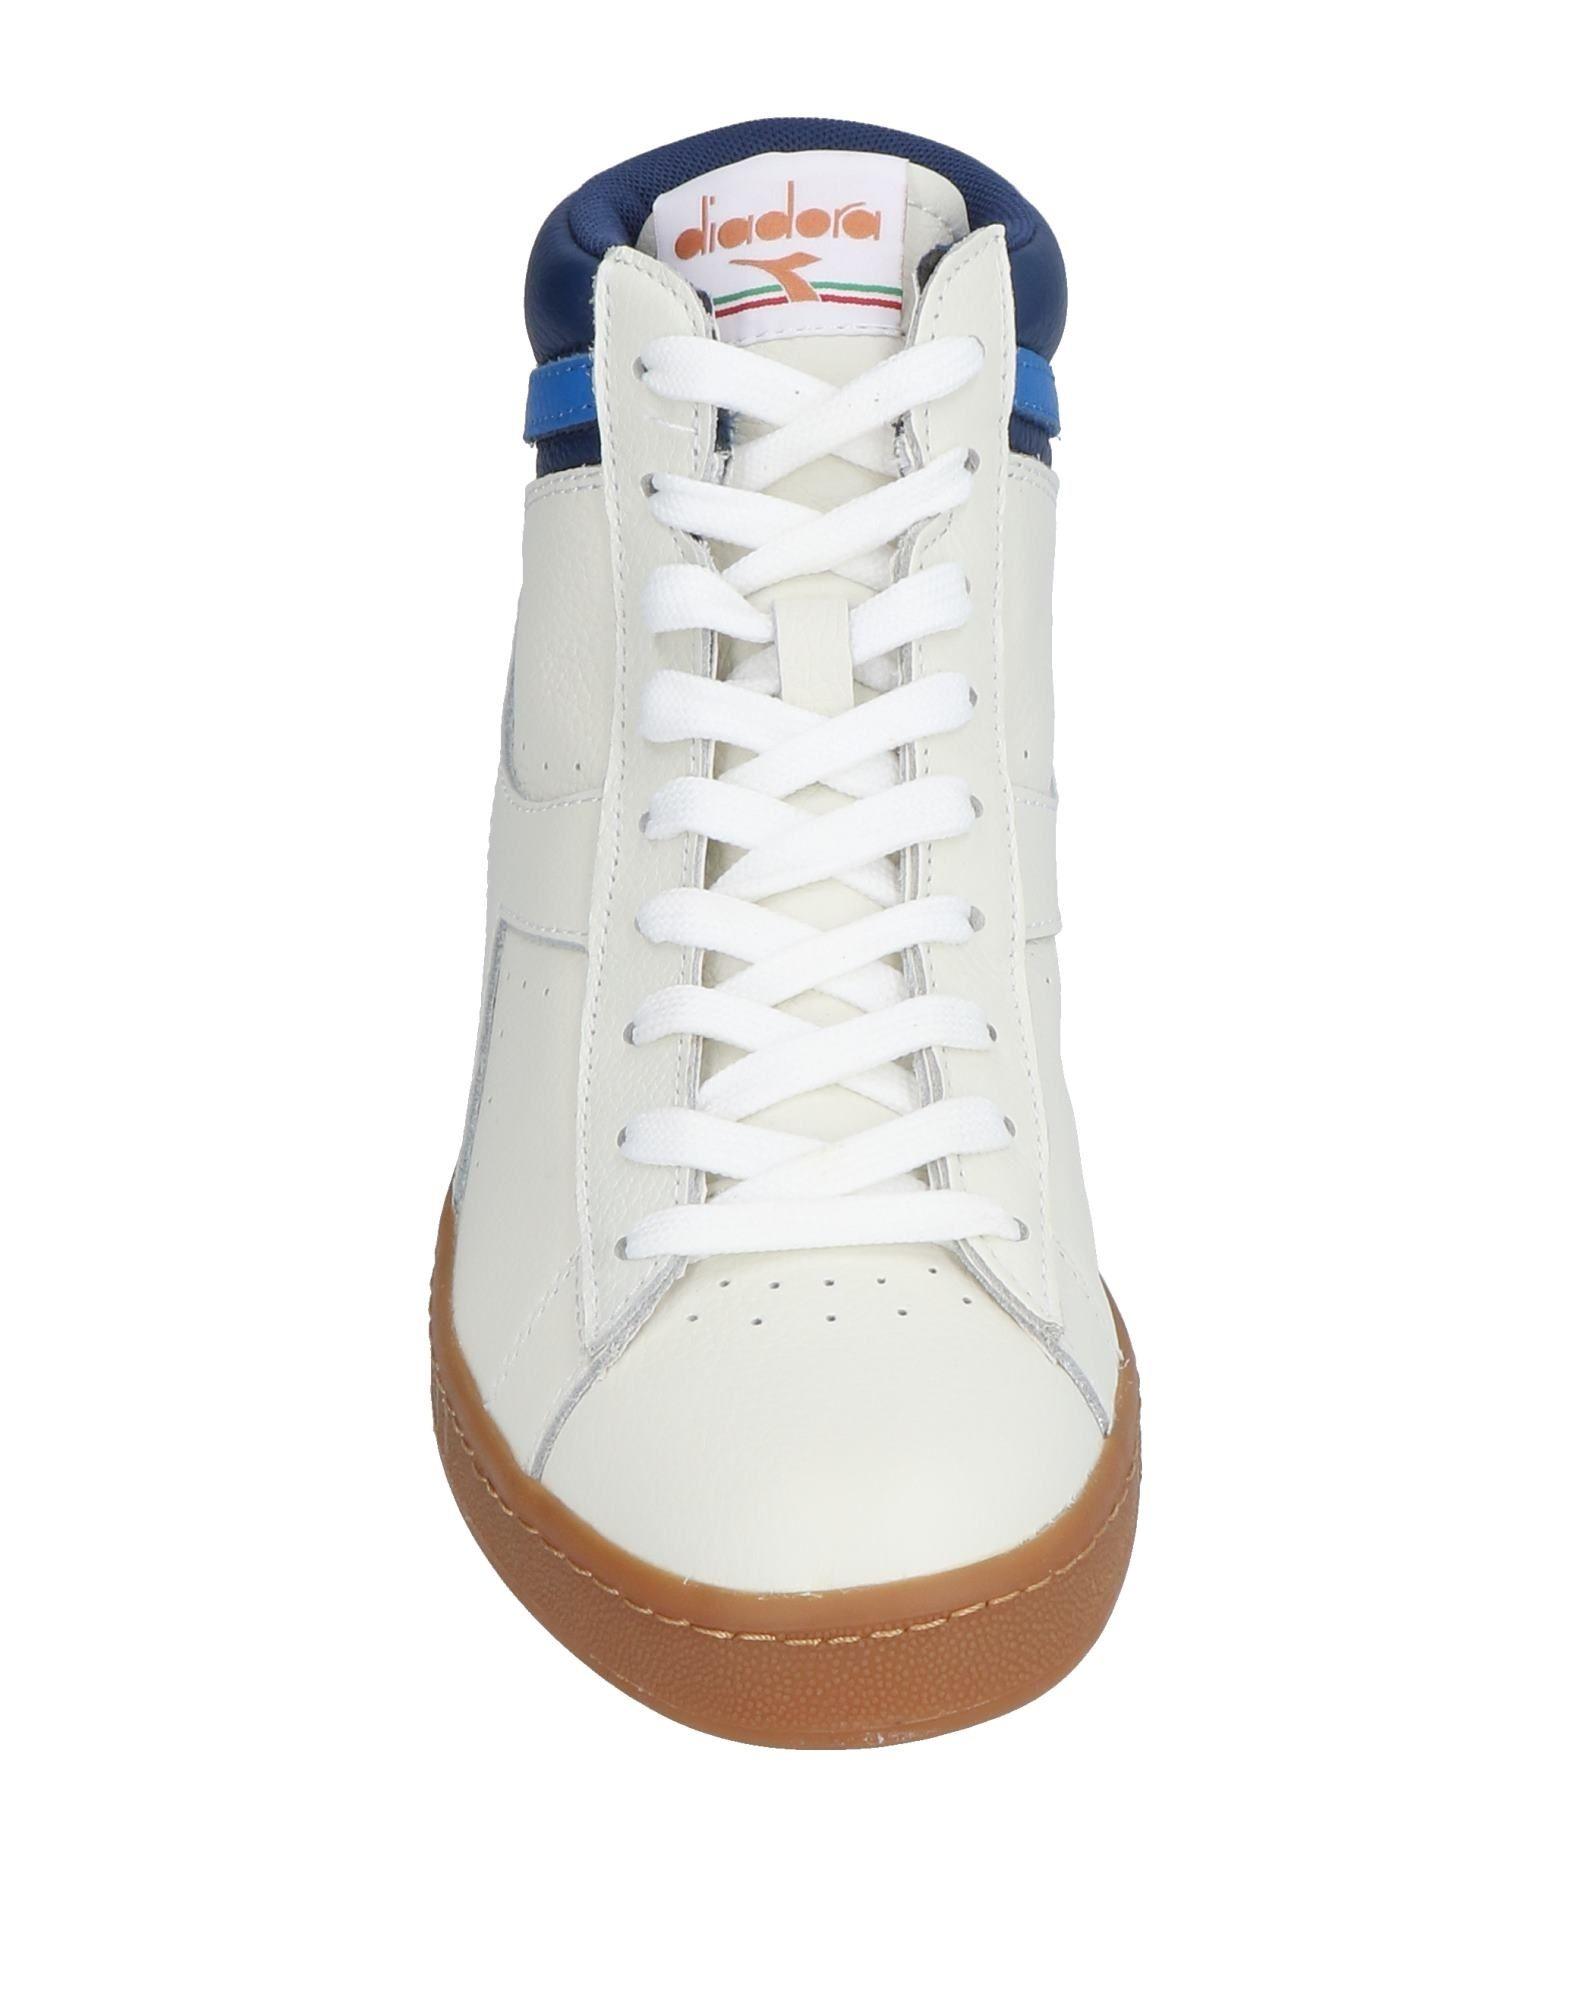 Moda 11486546BC Sneakers Diadora Uomo - 11486546BC Moda 1f2a46